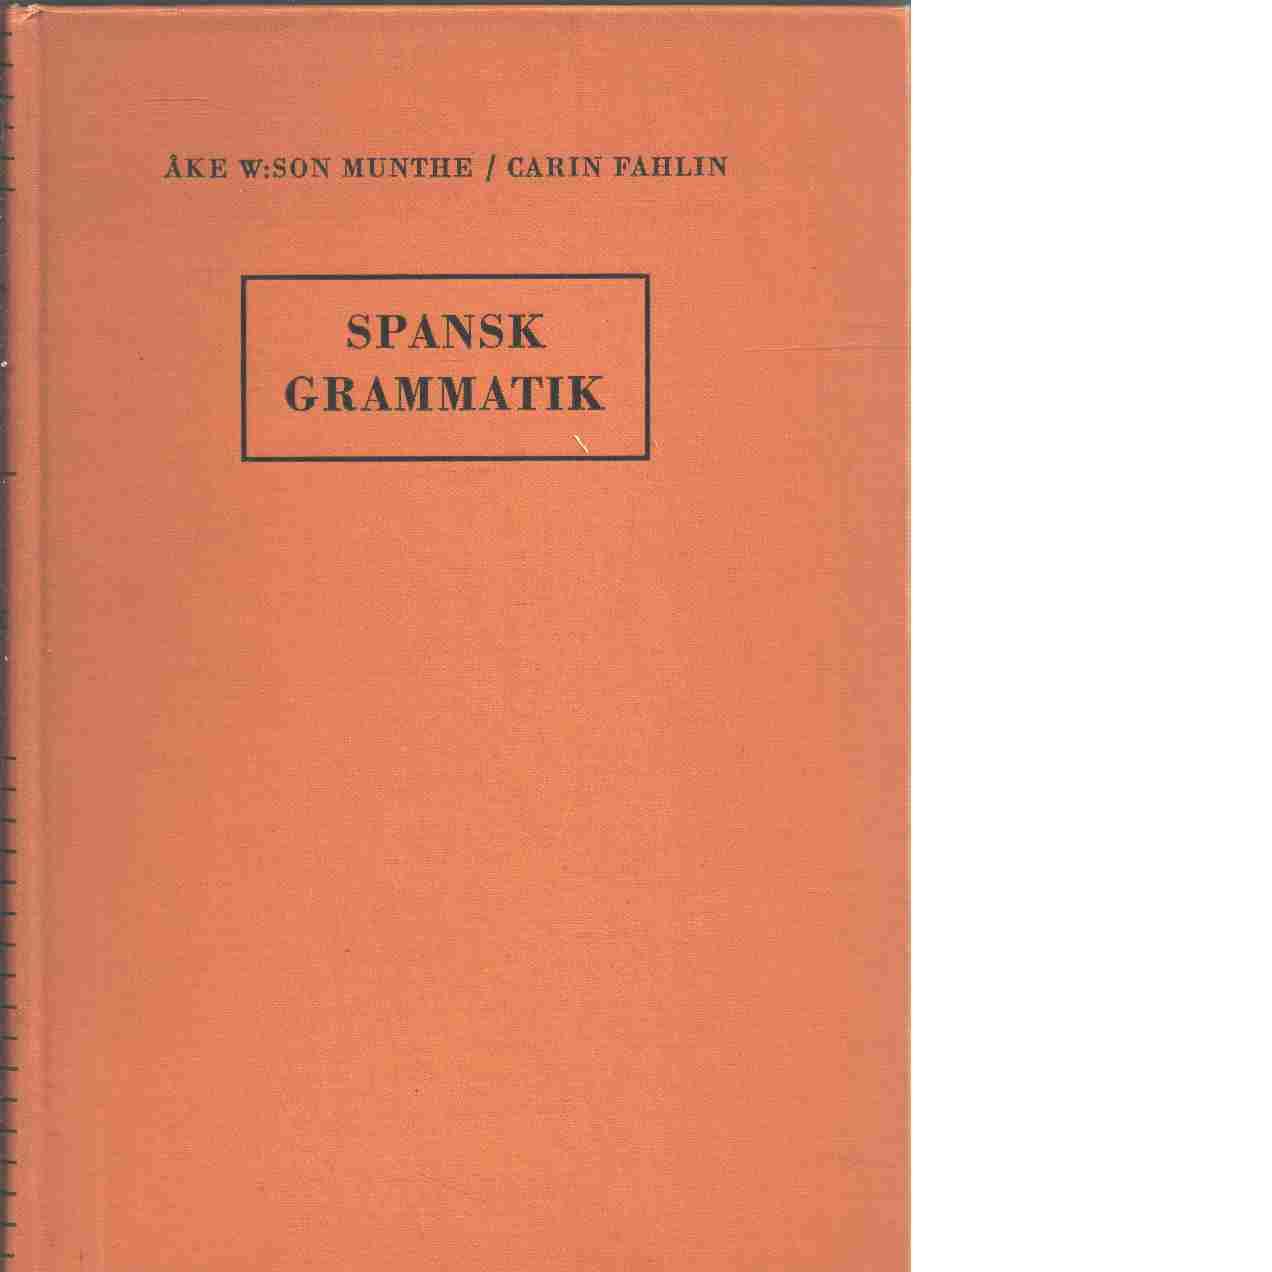 Spansk grammatik - Munthe, Åke W:son och Fahlin, Carin